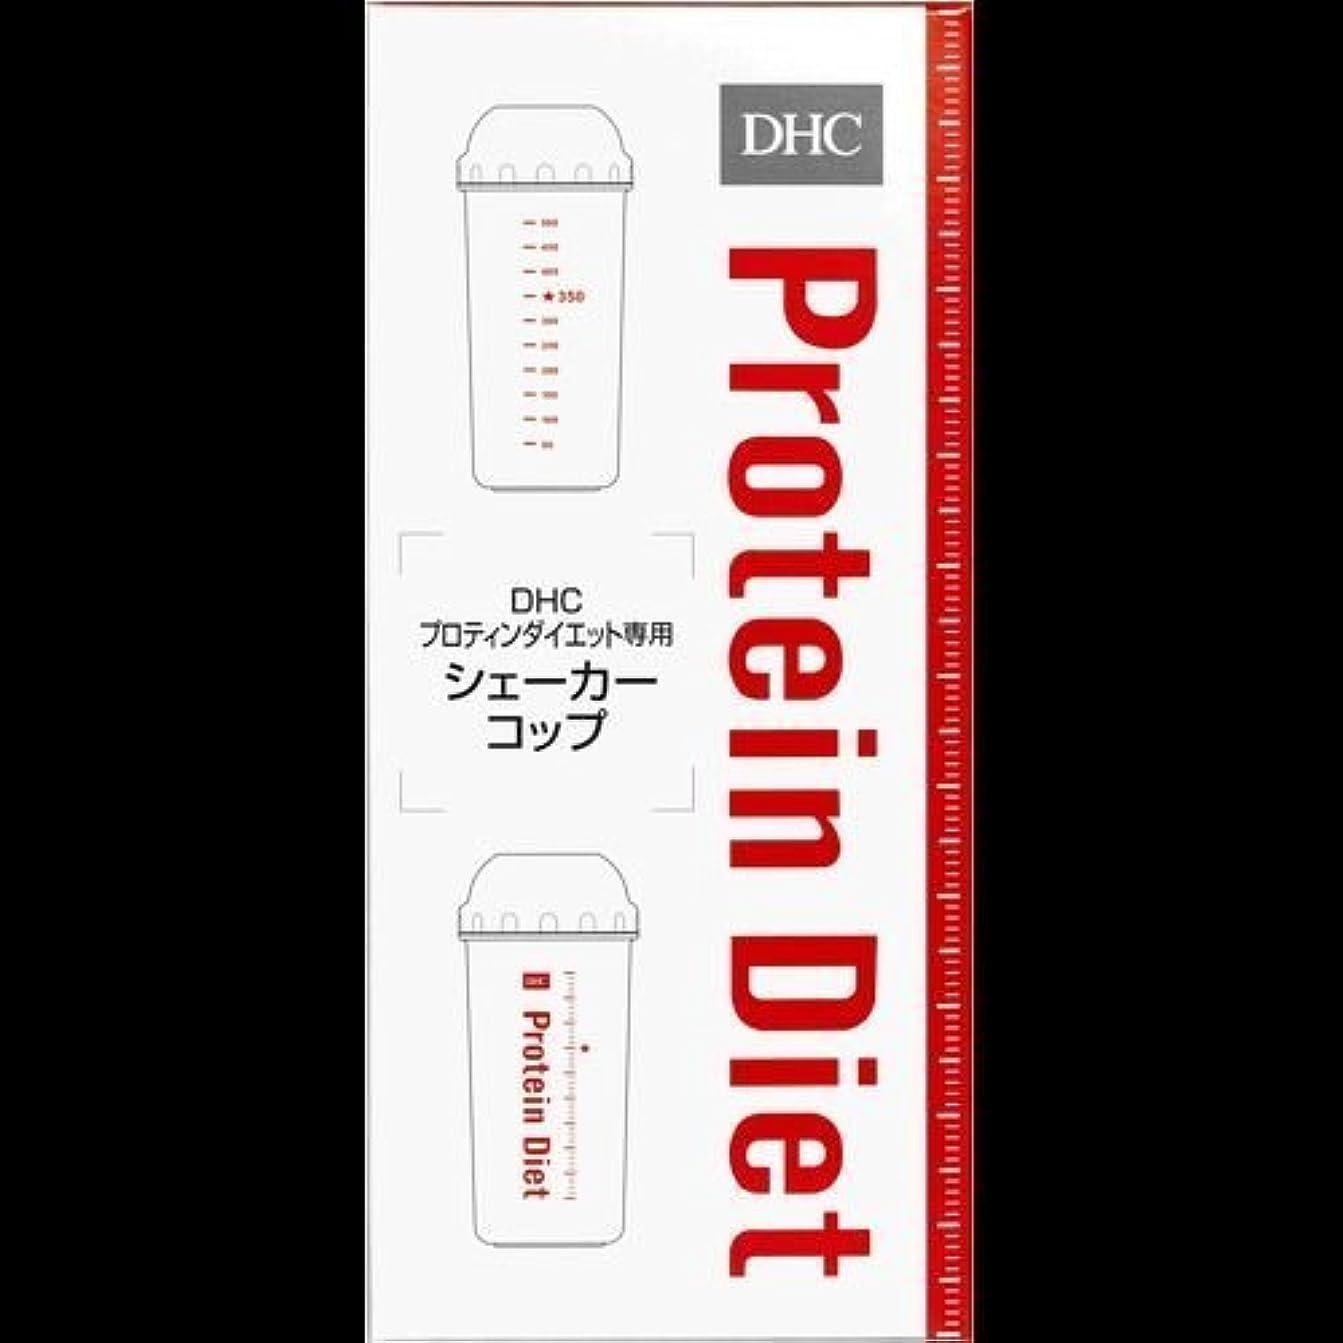 仕方経験登場【まとめ買い】DHC プロティンダイエット 専用シェーカーコップ ×2セット